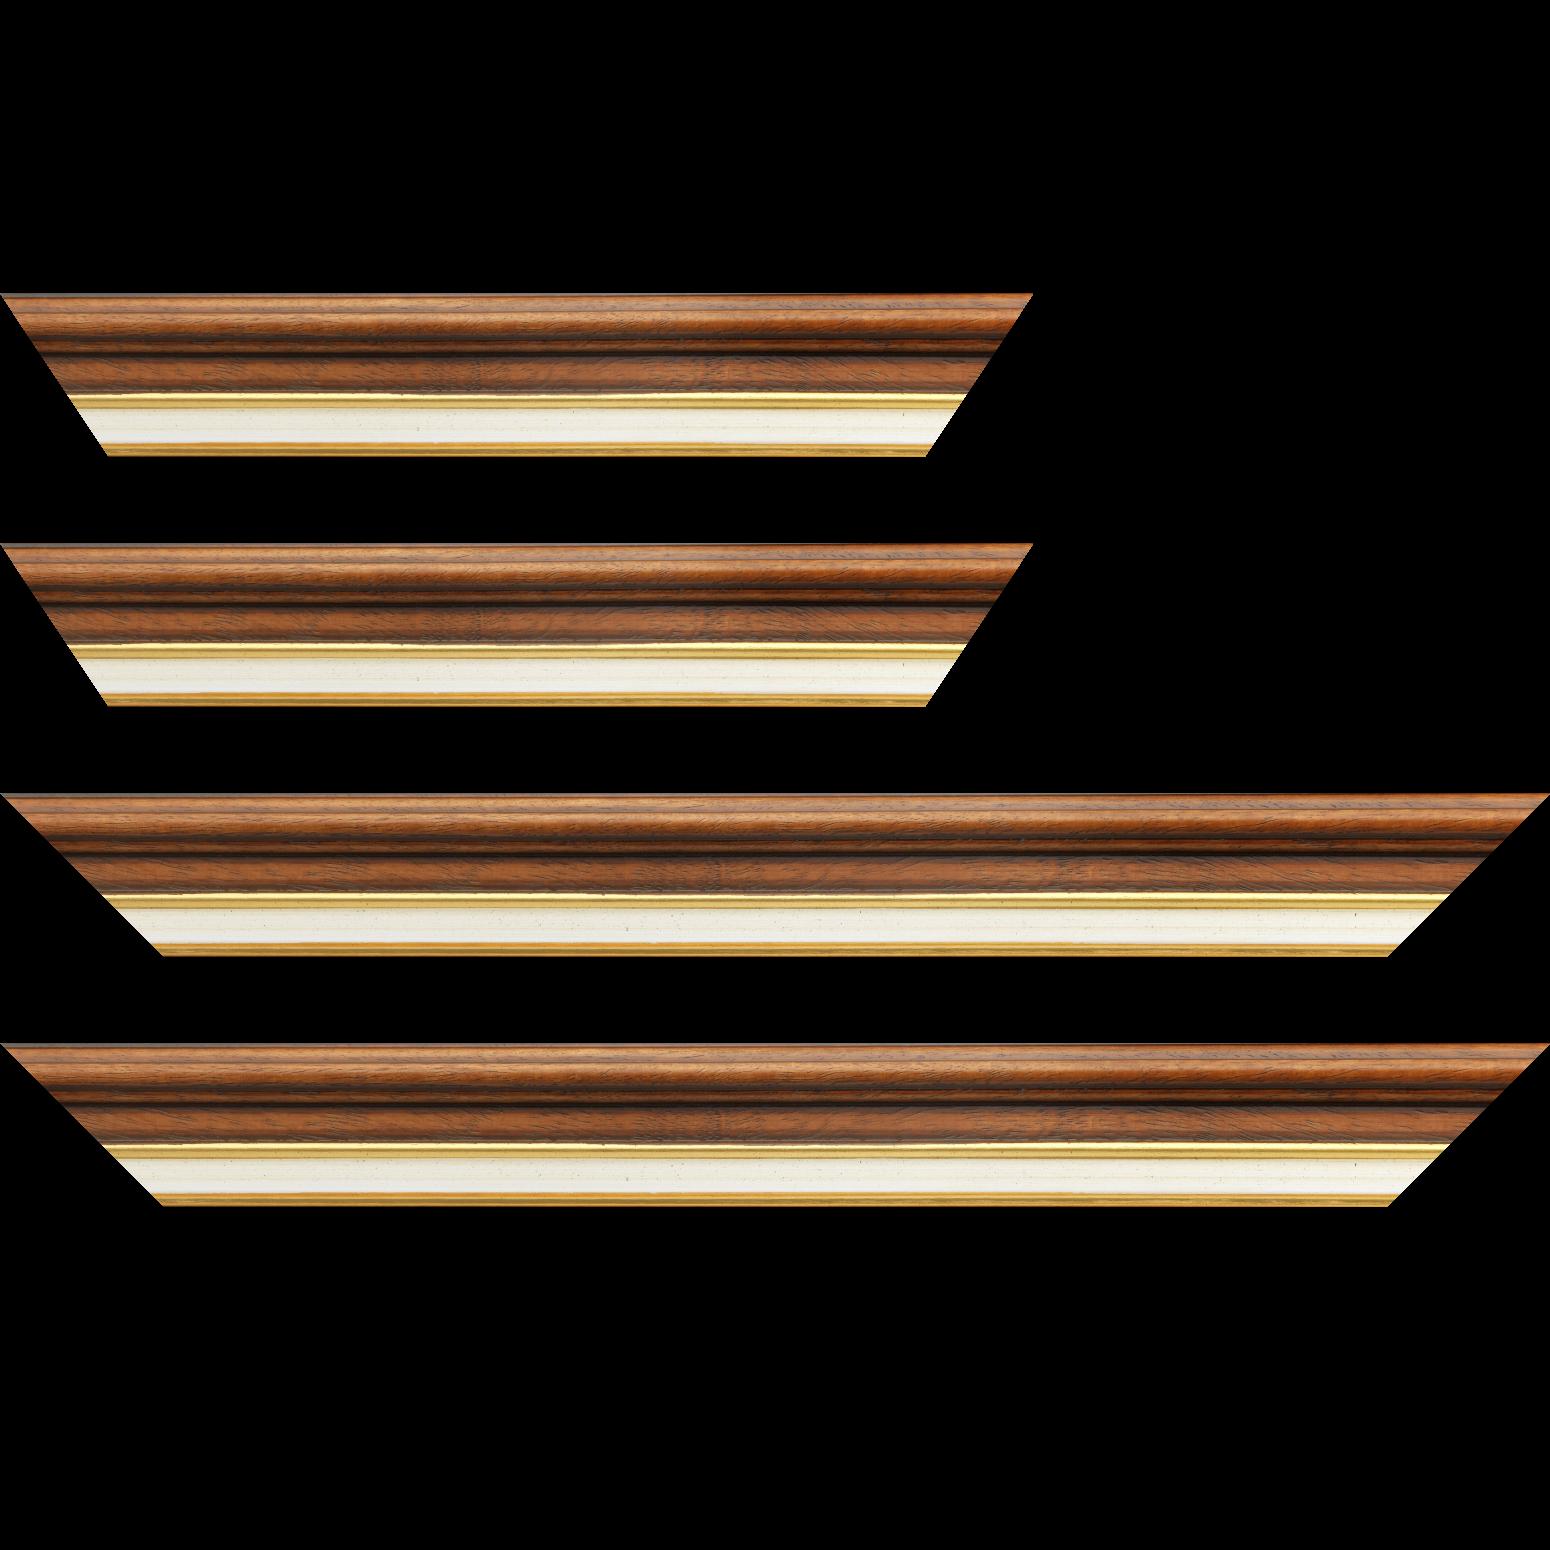 Baguette service précoupé Bois largeur 5.2cm marron rustique  marie louise crème filet or intégrée